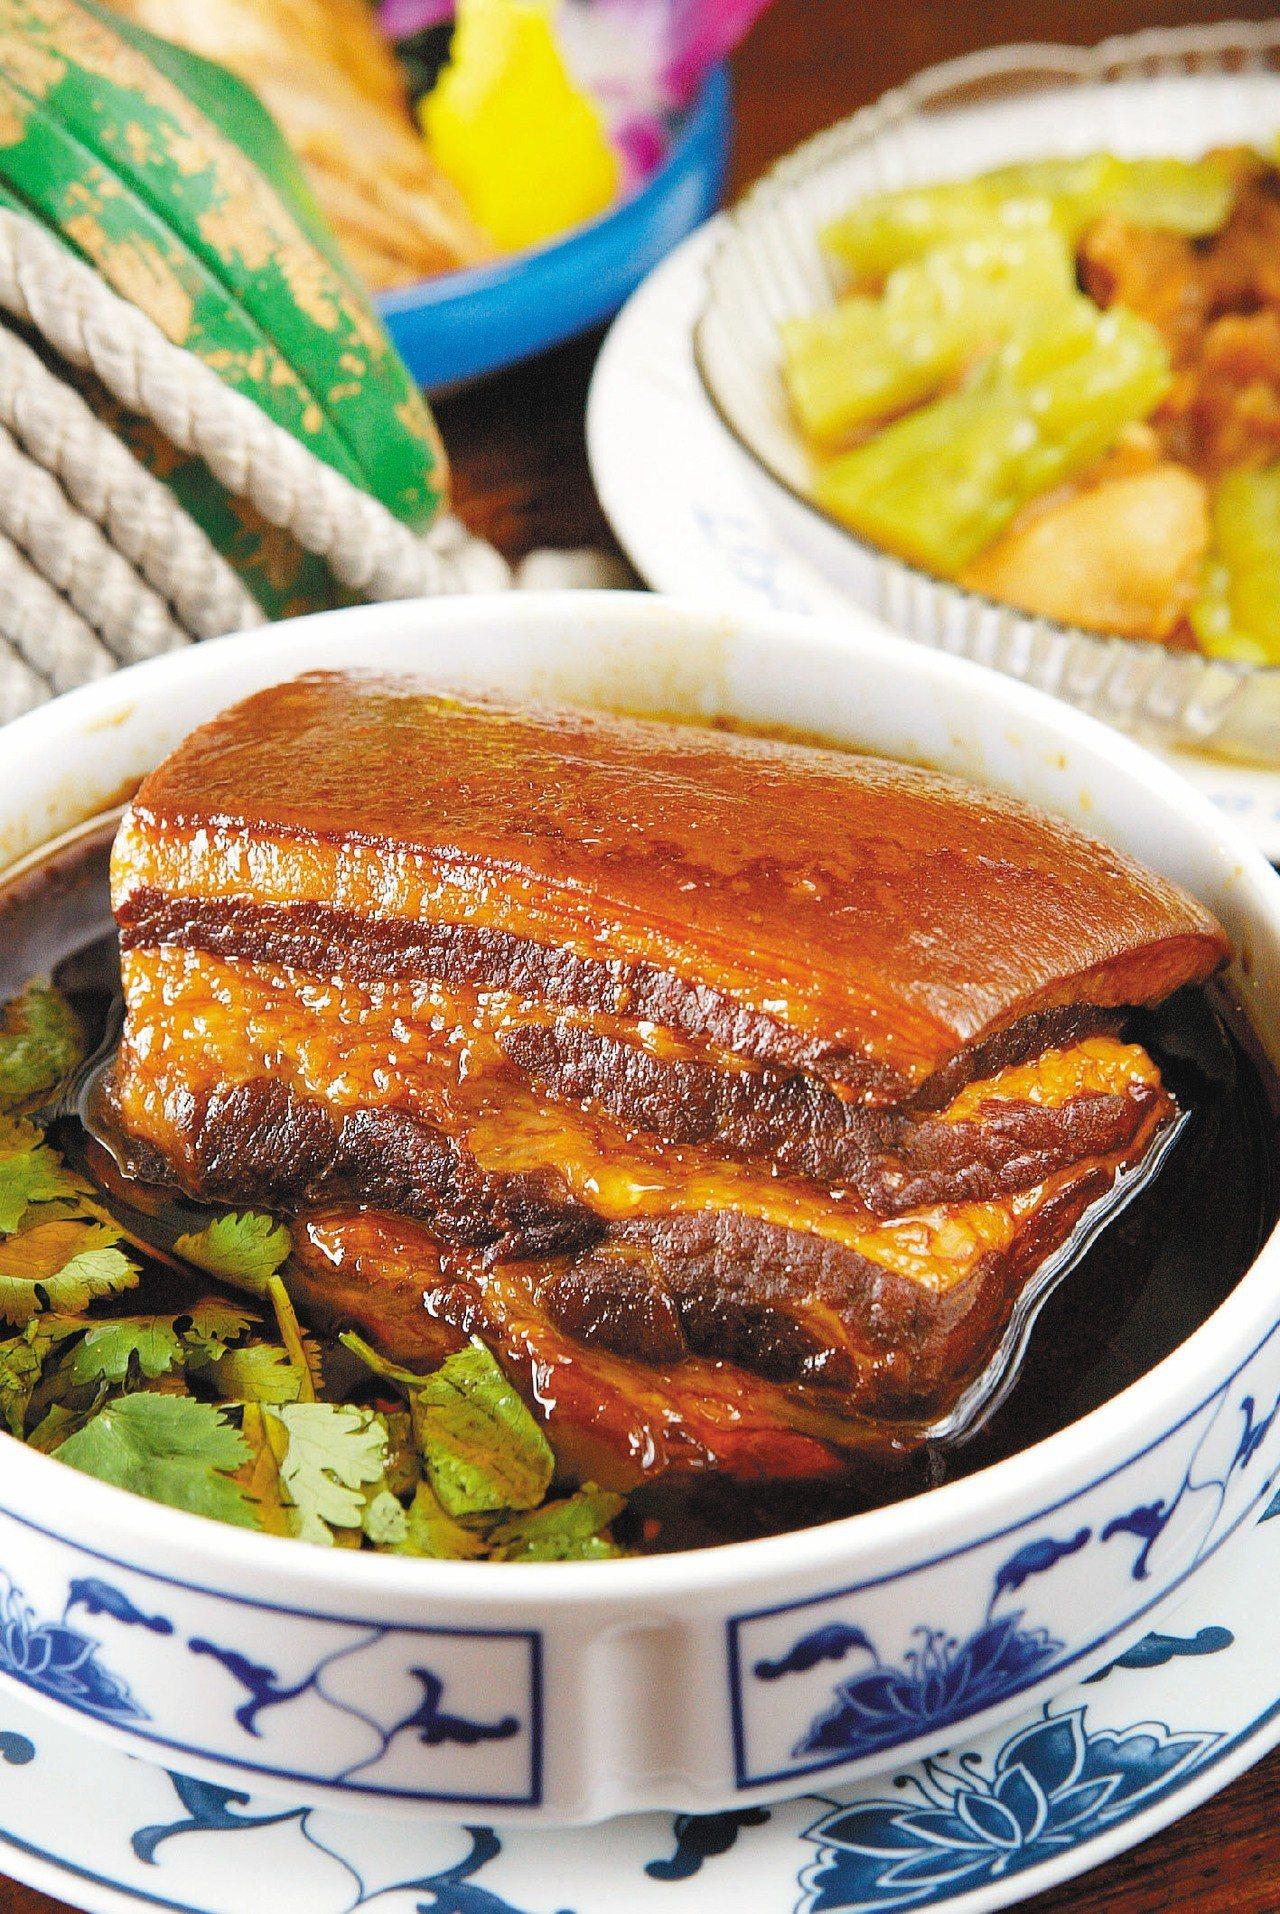 古早台式烘肉:肥油已被蒸掉,吃進嘴裡滑嫩不油膩,料理道地,在女娘的店一紅十多年。...